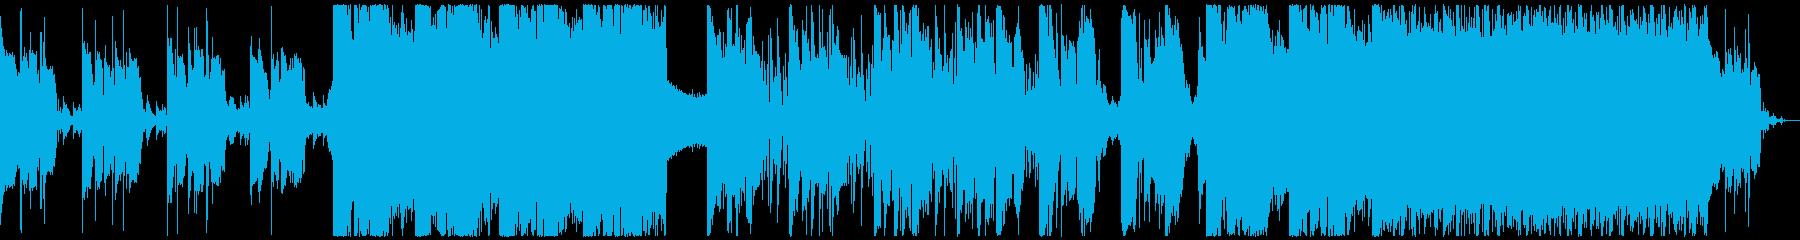 切ない・美しい・ダーク・洋楽男性ボーカルの再生済みの波形